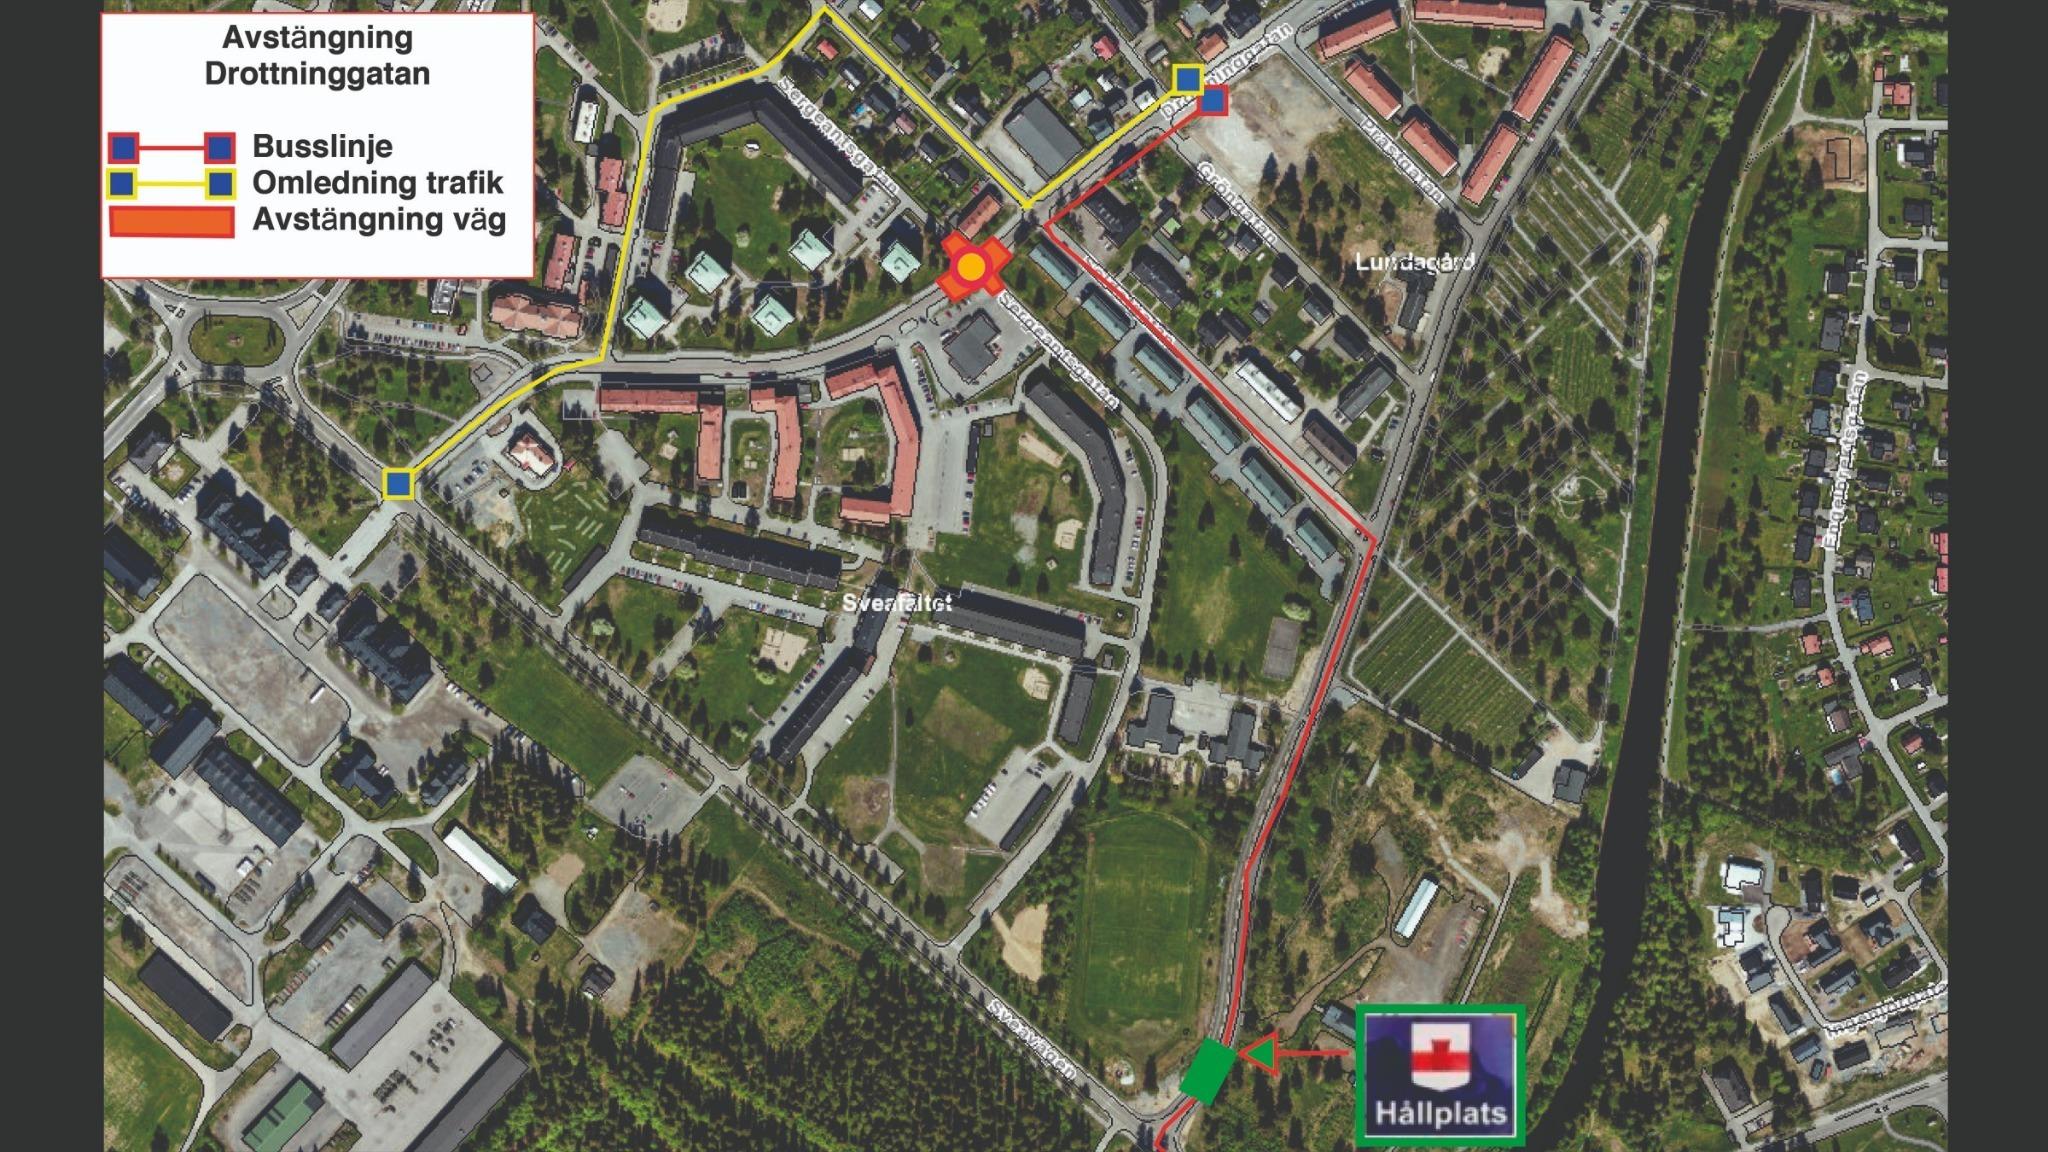 Avvikelse busstrafik - Drottninggatan avstängd från den 9 september